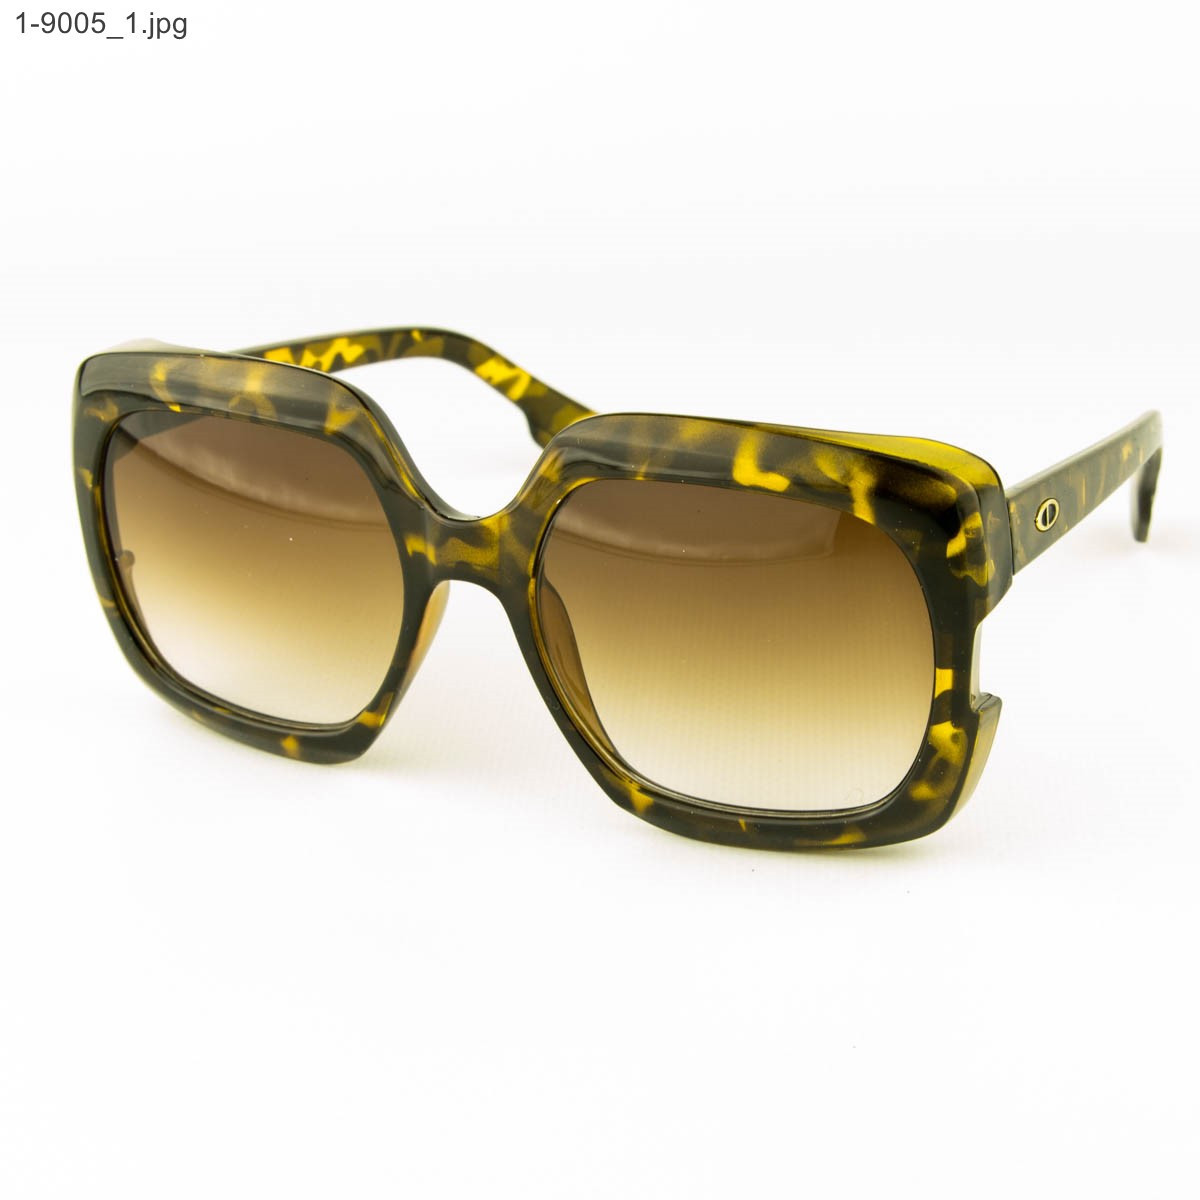 Оптом женские солнцезащитные очки - Леопардовые - 1-9005